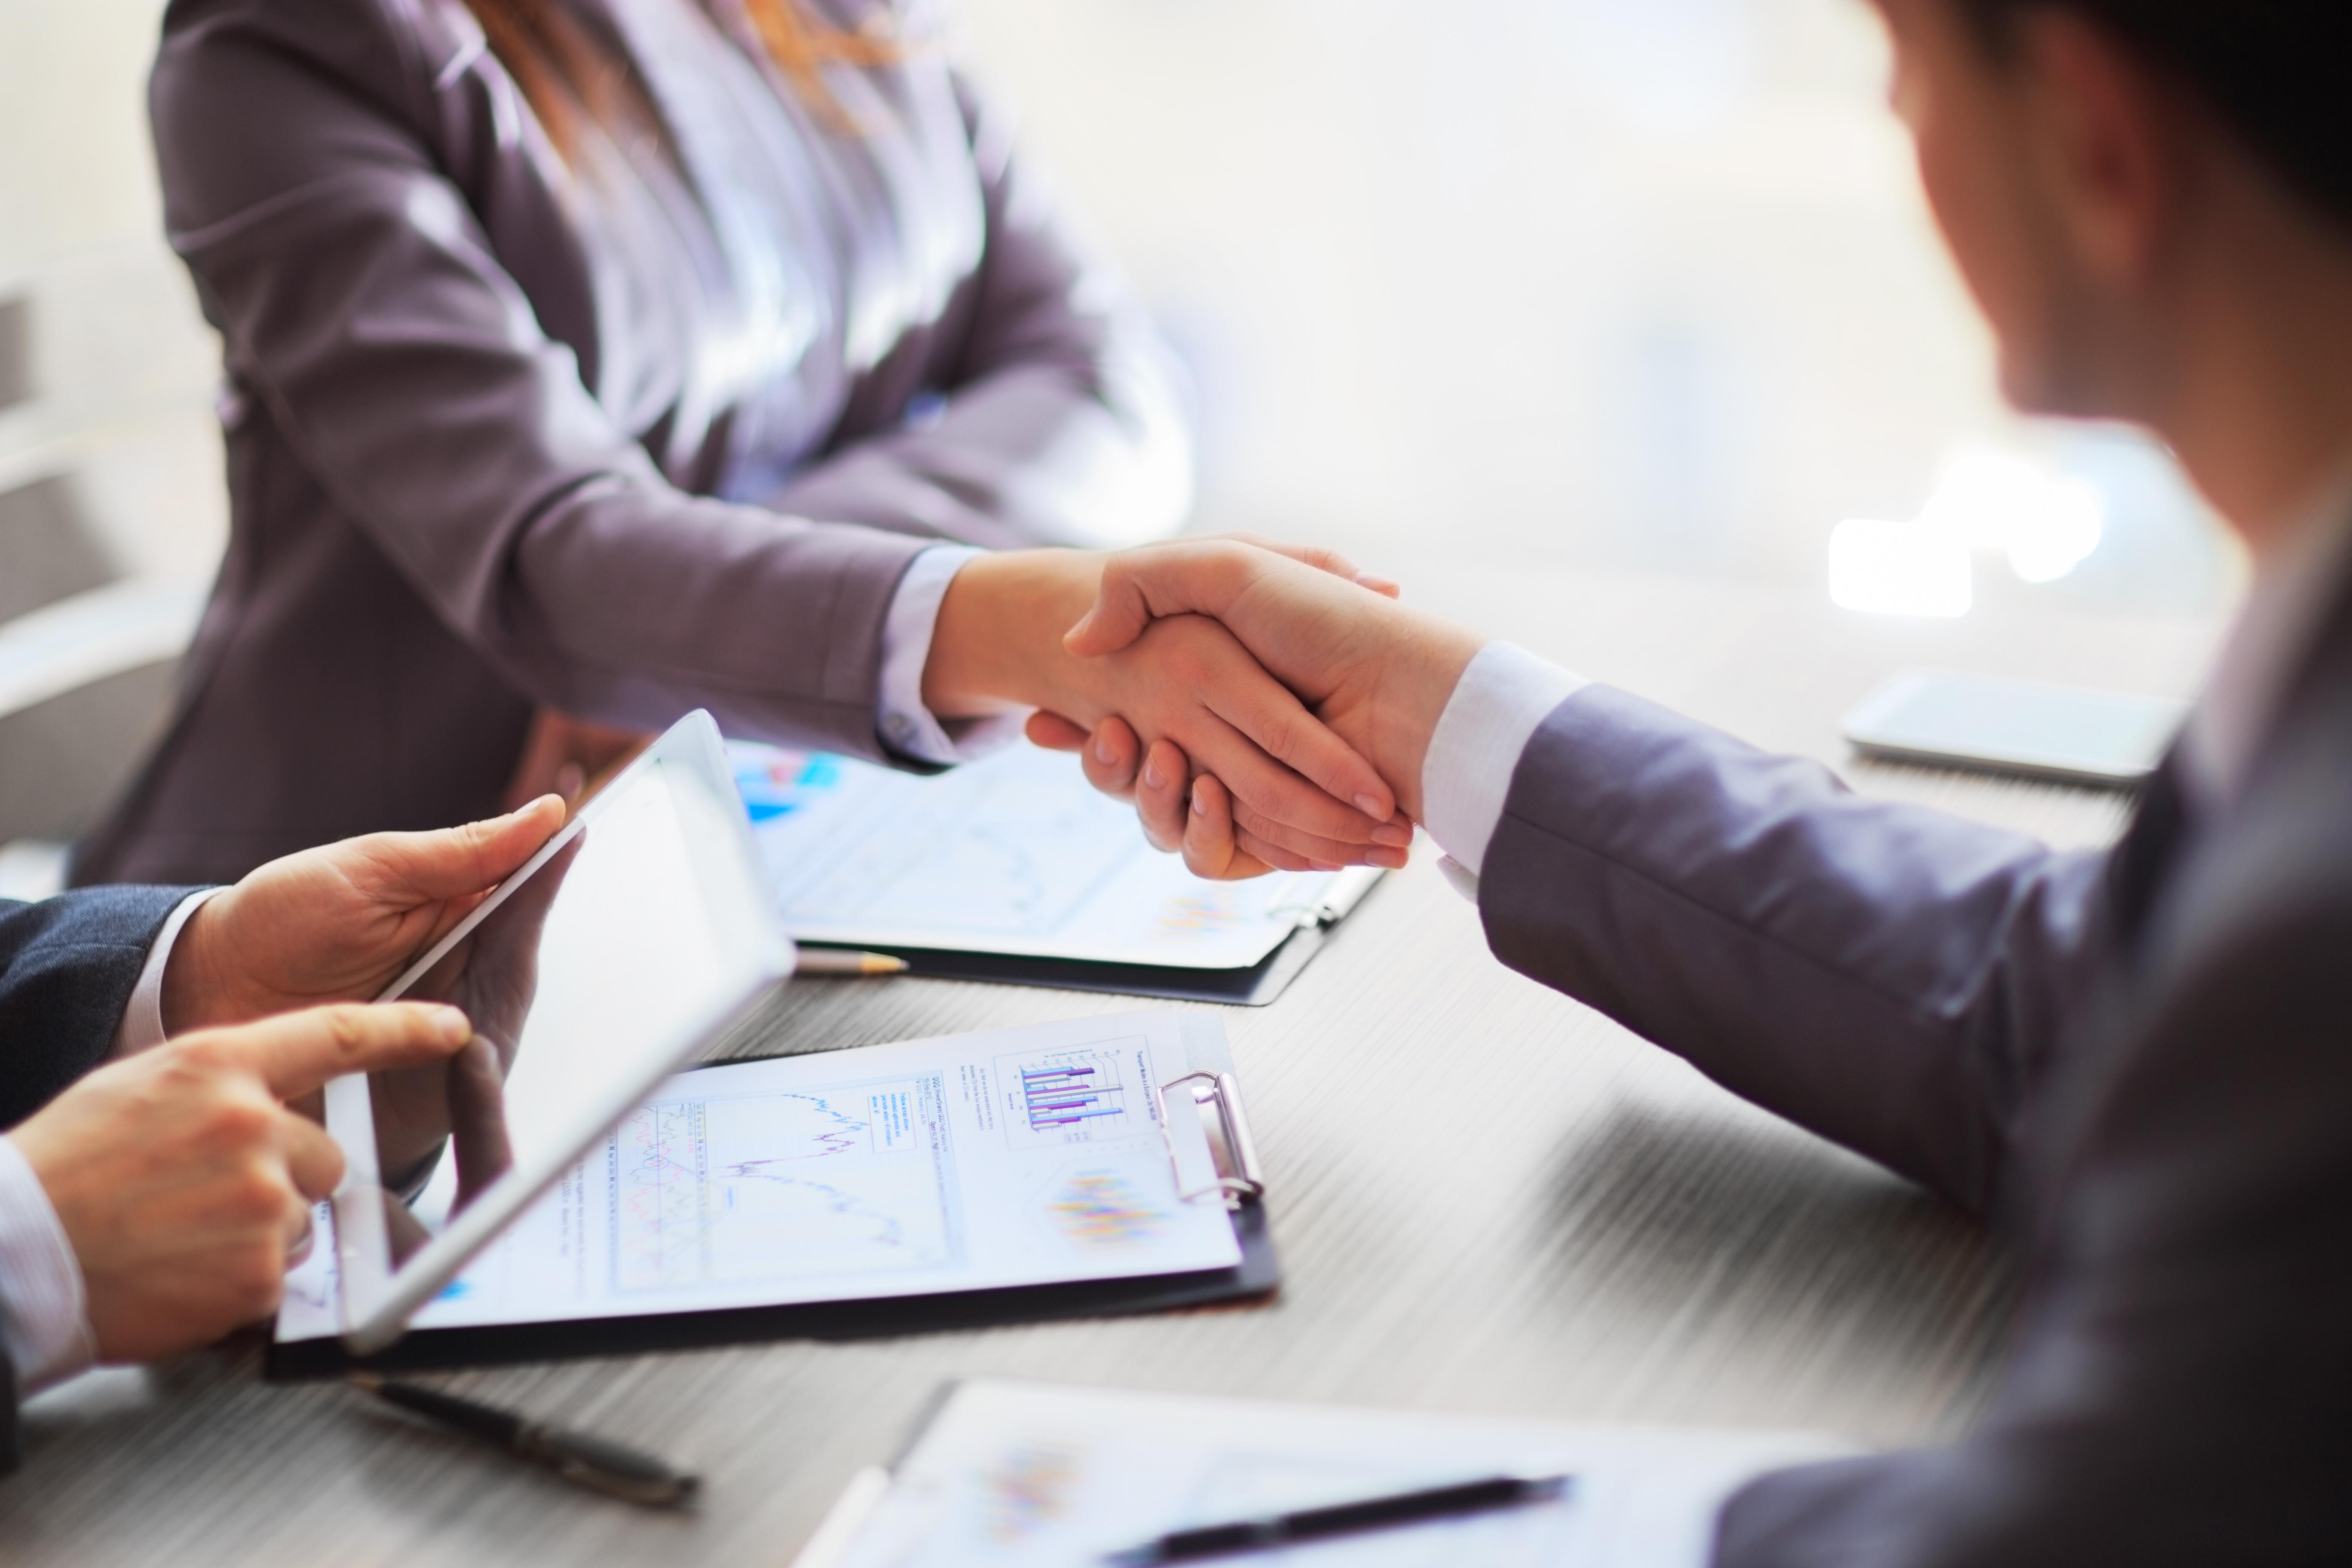 Das Bild zeigt drei Personen, wovon sich zwei die Hände reichen. Dies soll die erfolgreiche Beratung als Leistung der LTH Gruppe symbolisieren.